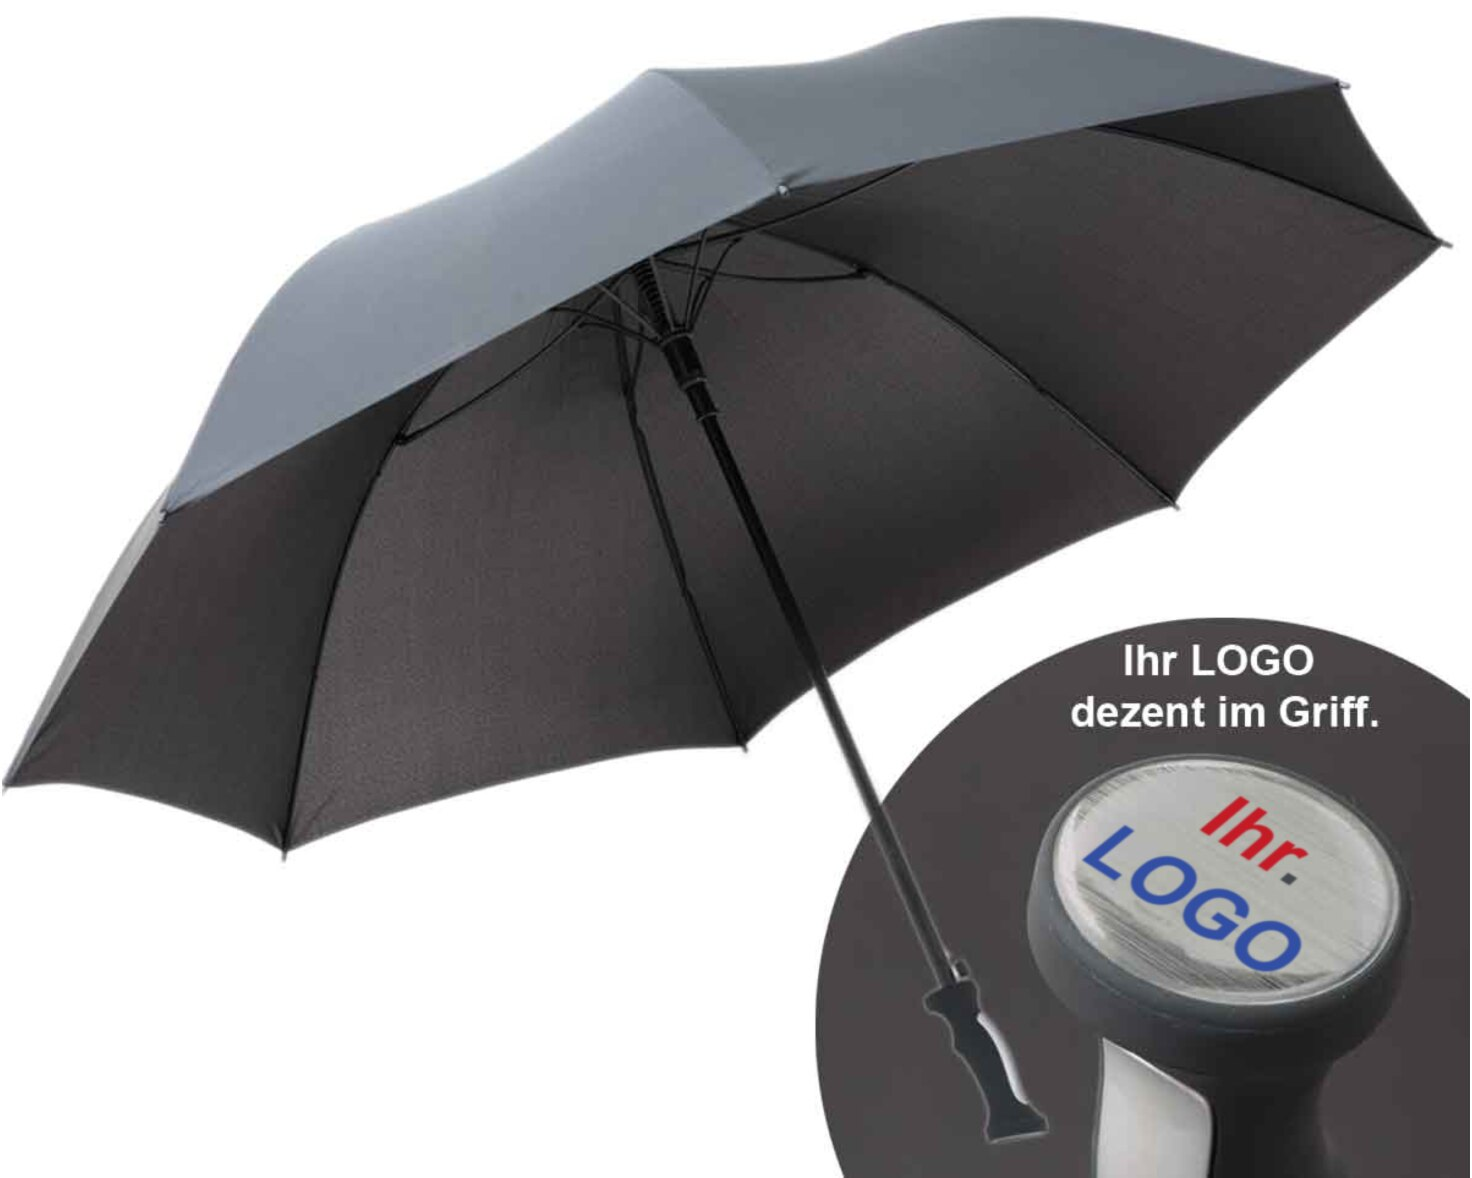 Golf Schirm mit Logo